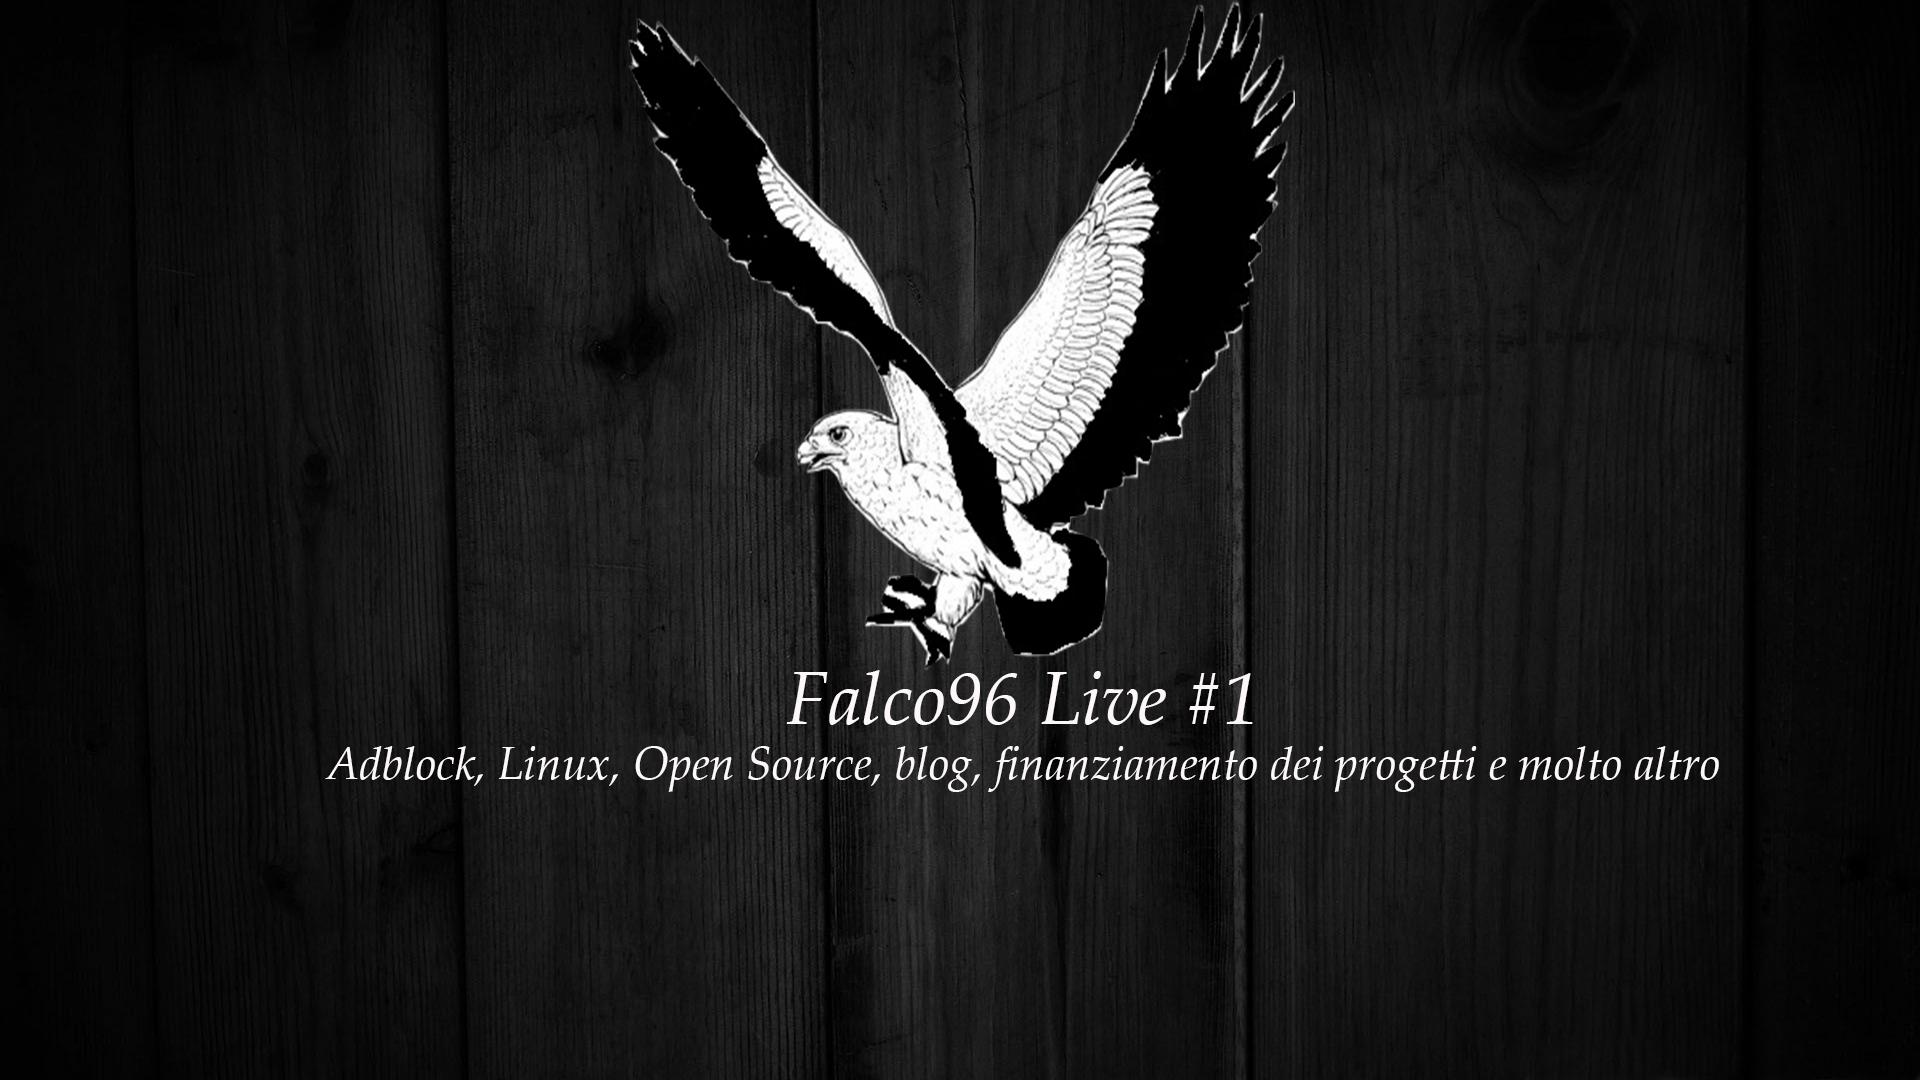 Falco96 Live – AdBlock, l'economia online e finanziamento progetti open Source